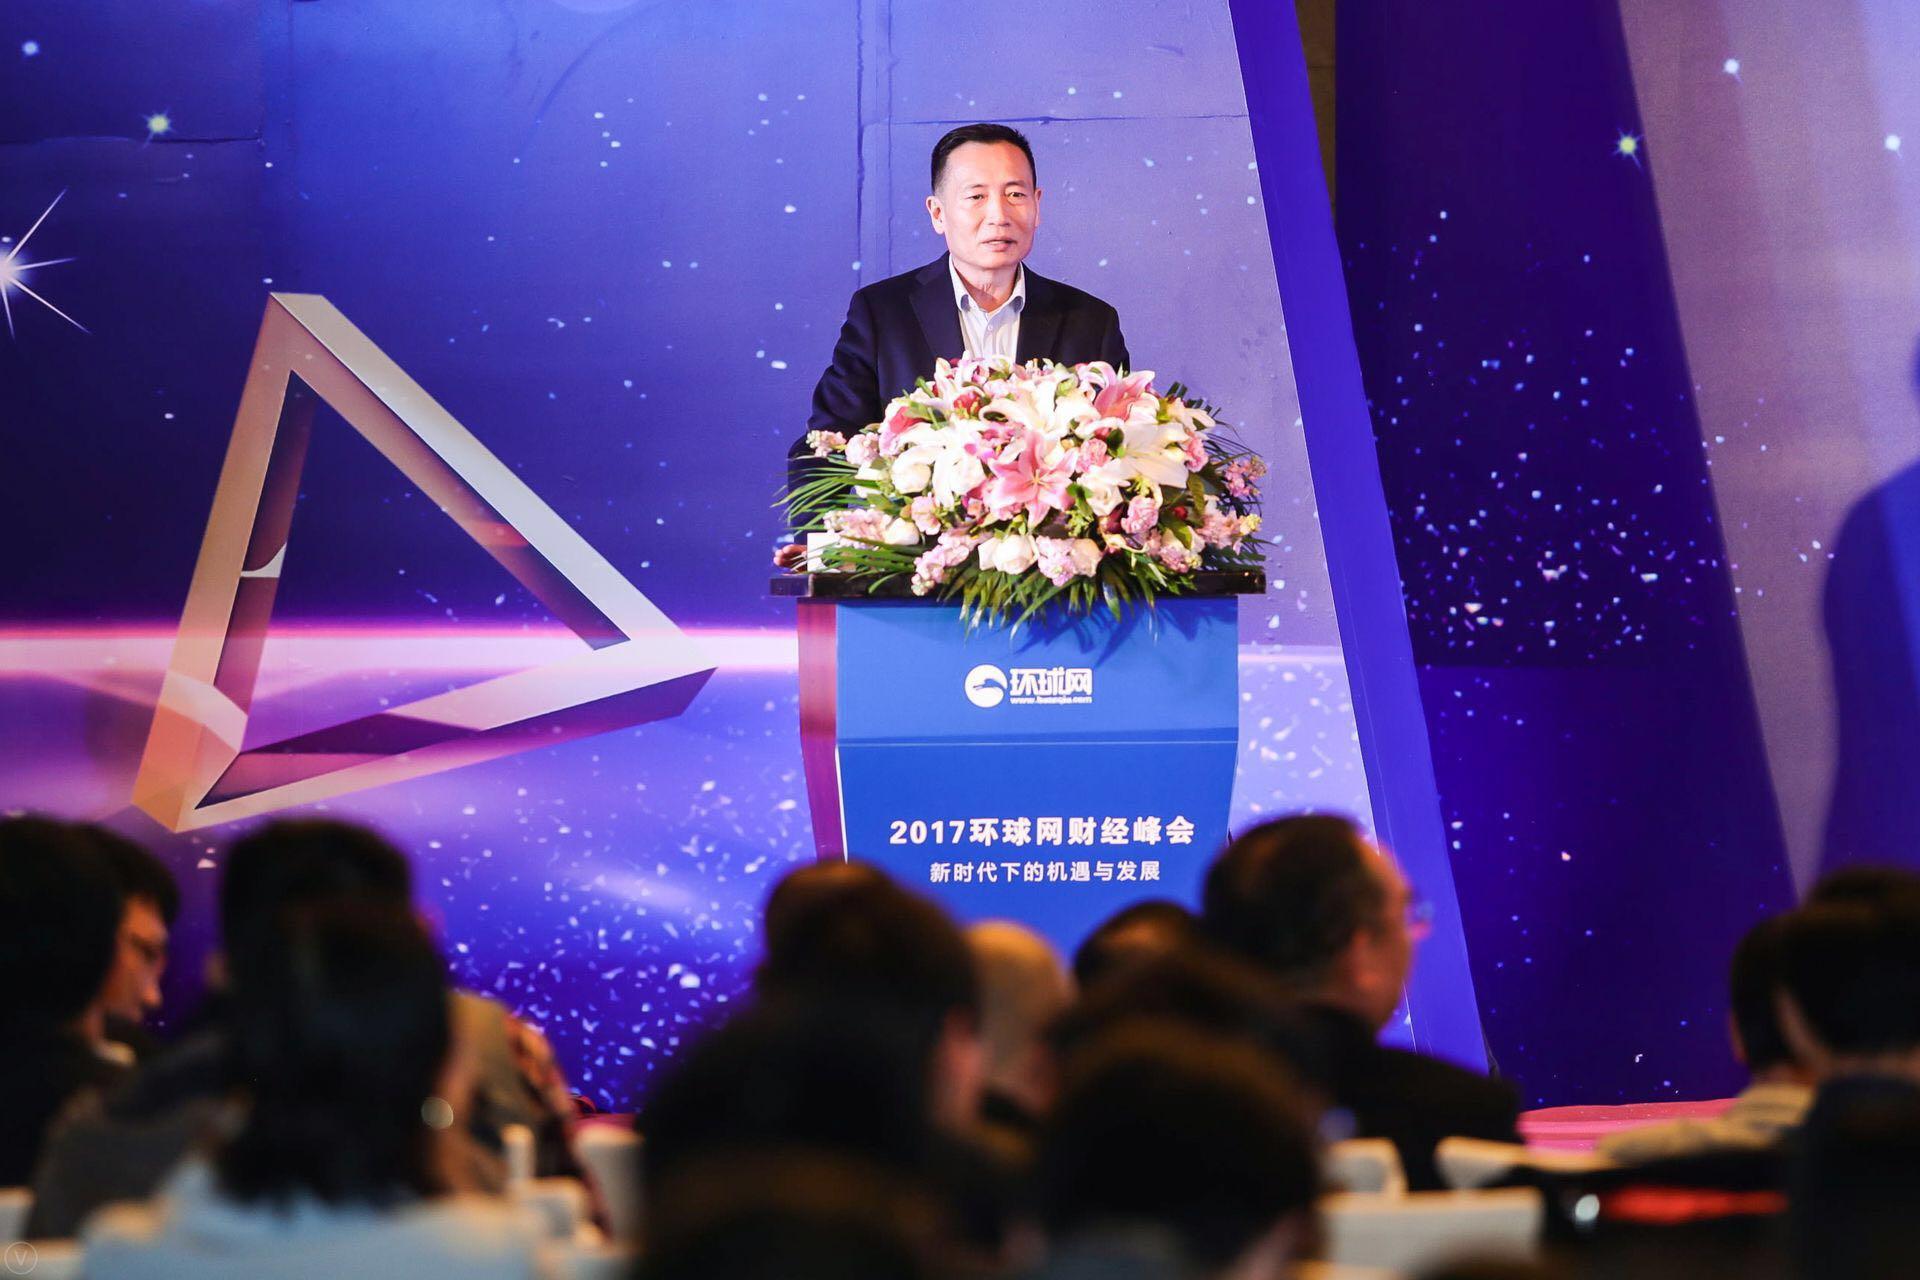 郭云涛:世界重回竞争时代,机会发生在五个方面